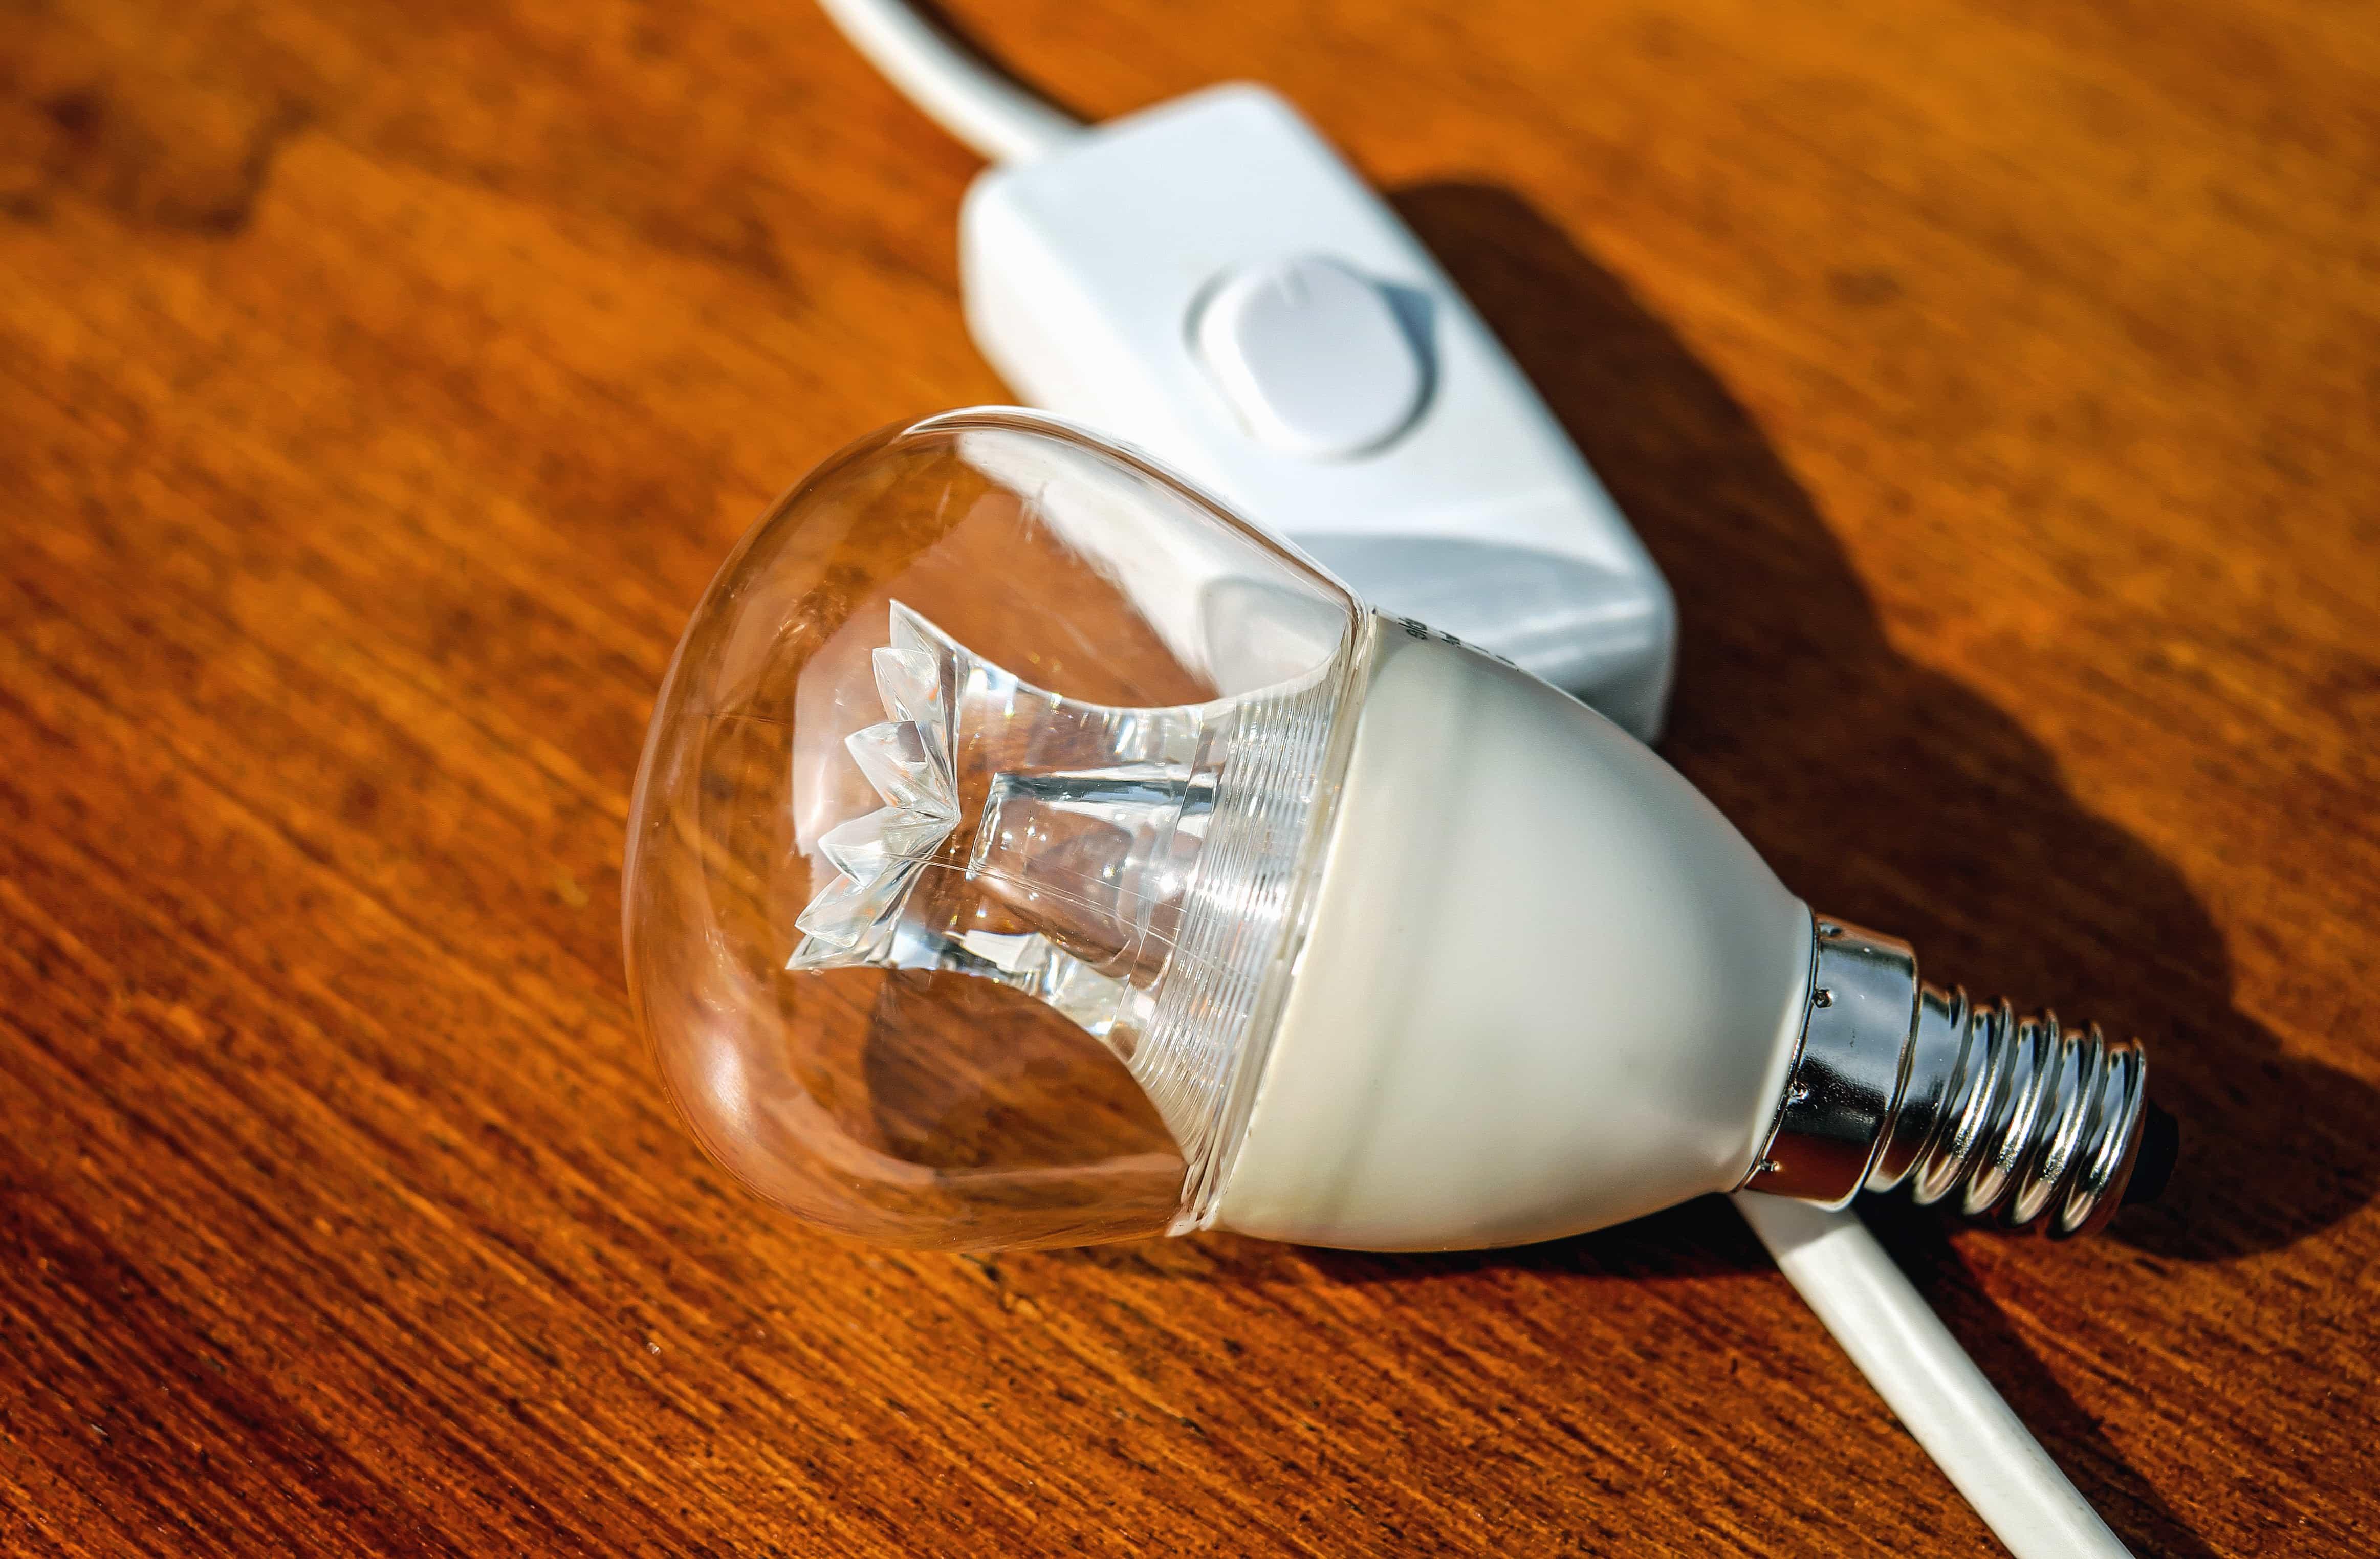 Kostenlose Bild: Birne, Strom, Glas, Metall, Tisch, Schalter, Kabel